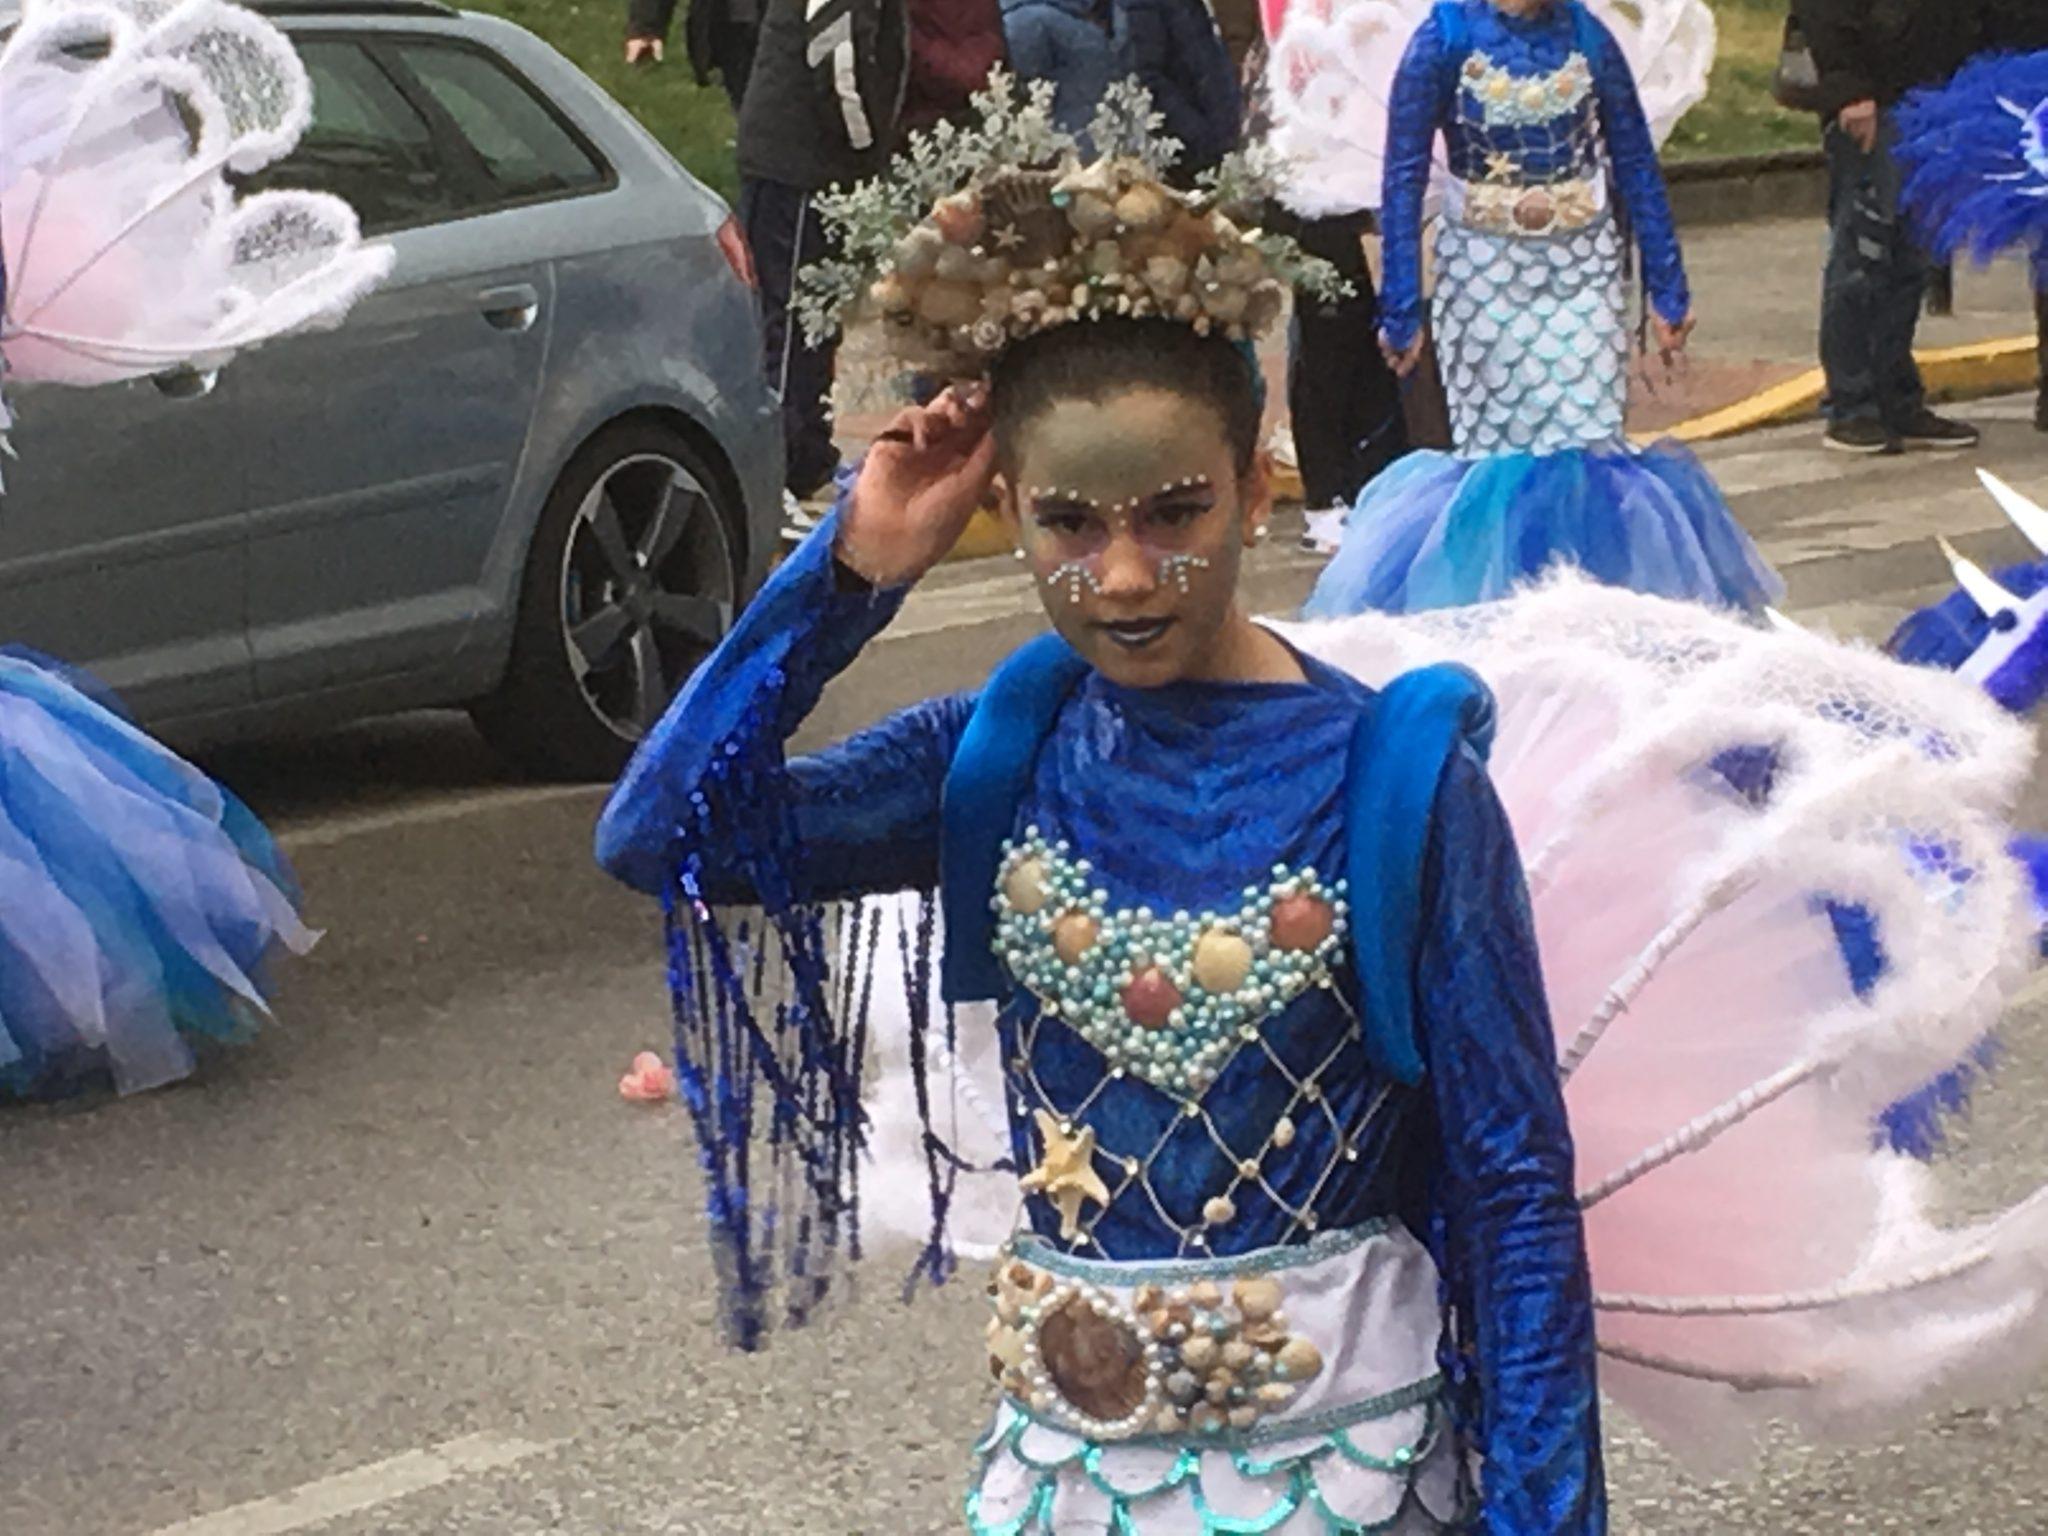 Álbum de fotos del martes de Carnaval 2019 en Ponferrada 45